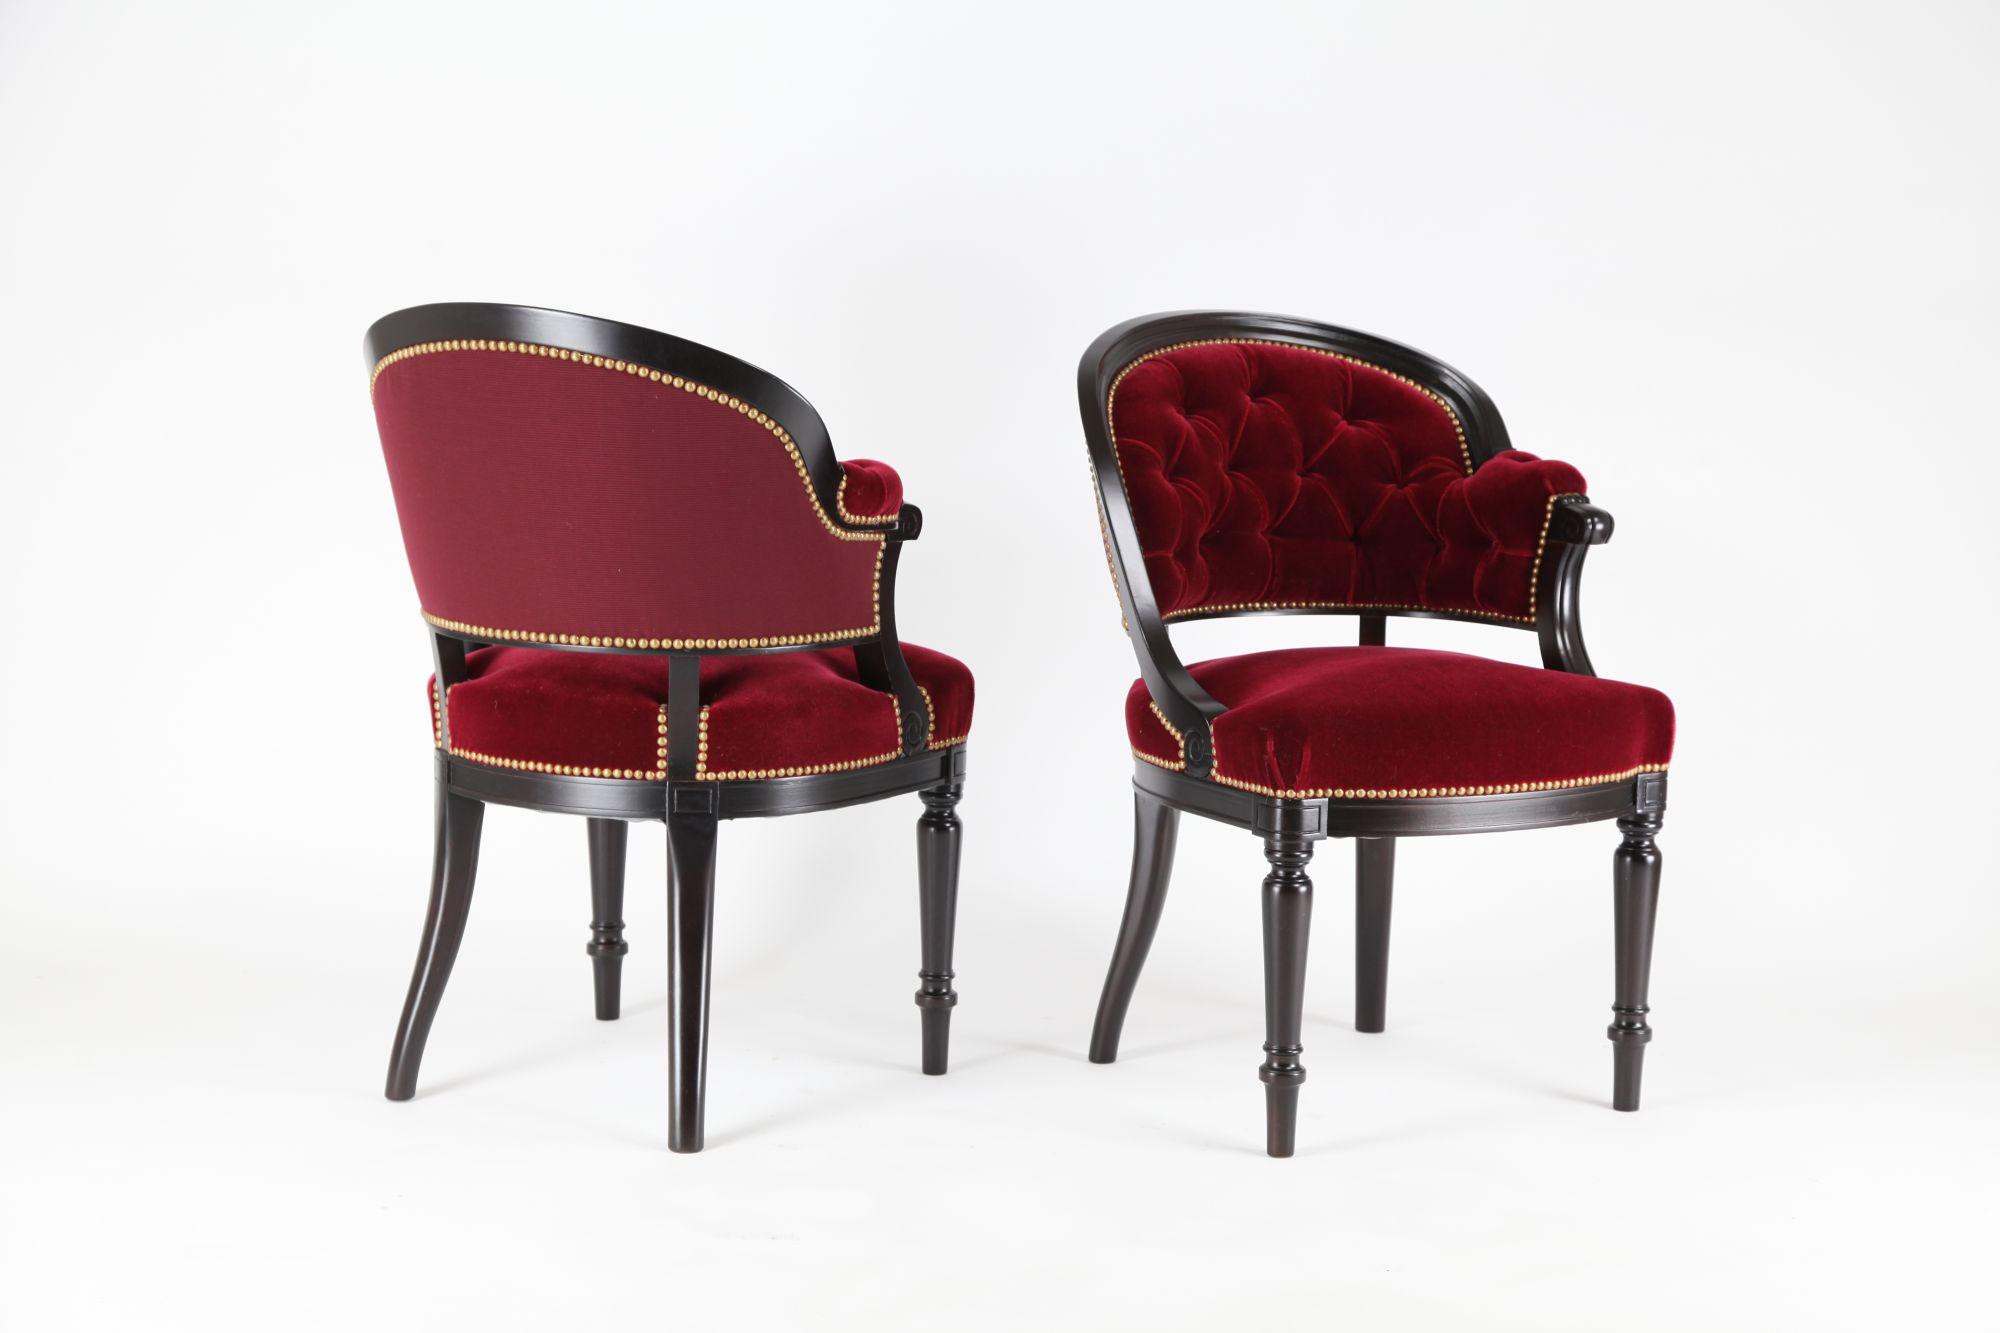 fauteuil manon opera de paris exposition fabriqué en france Elysée